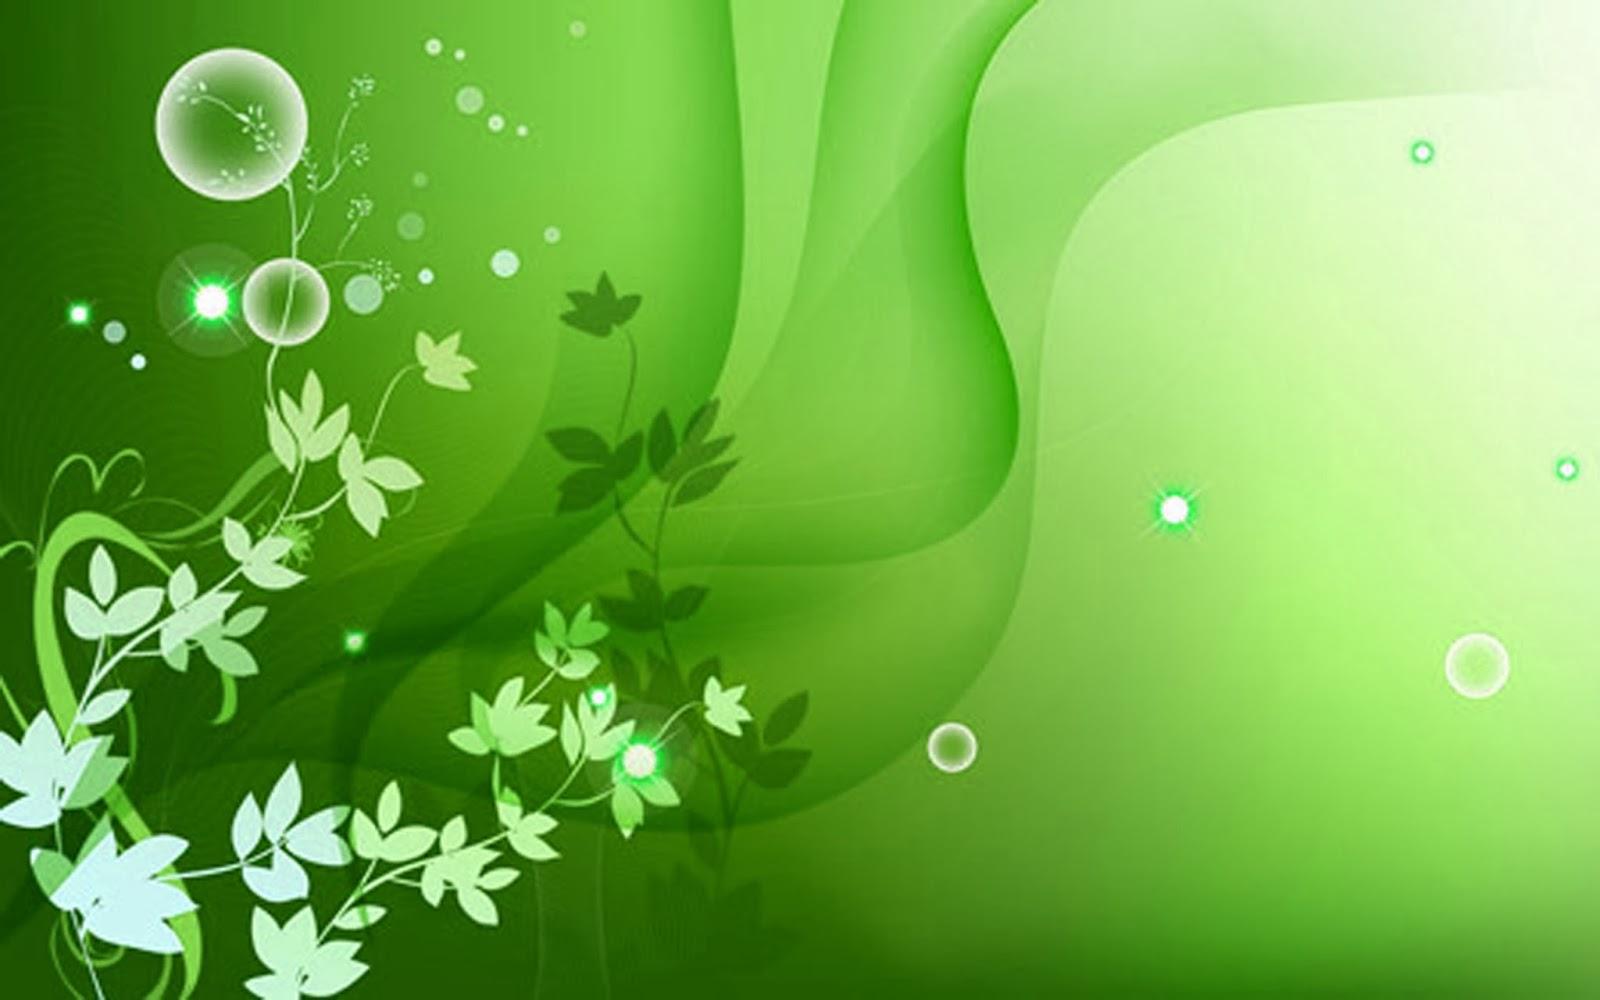 Www 3d Flower Wallpaper Com Green Colour Flowers 5 Background Hdflowerwallpaper Com